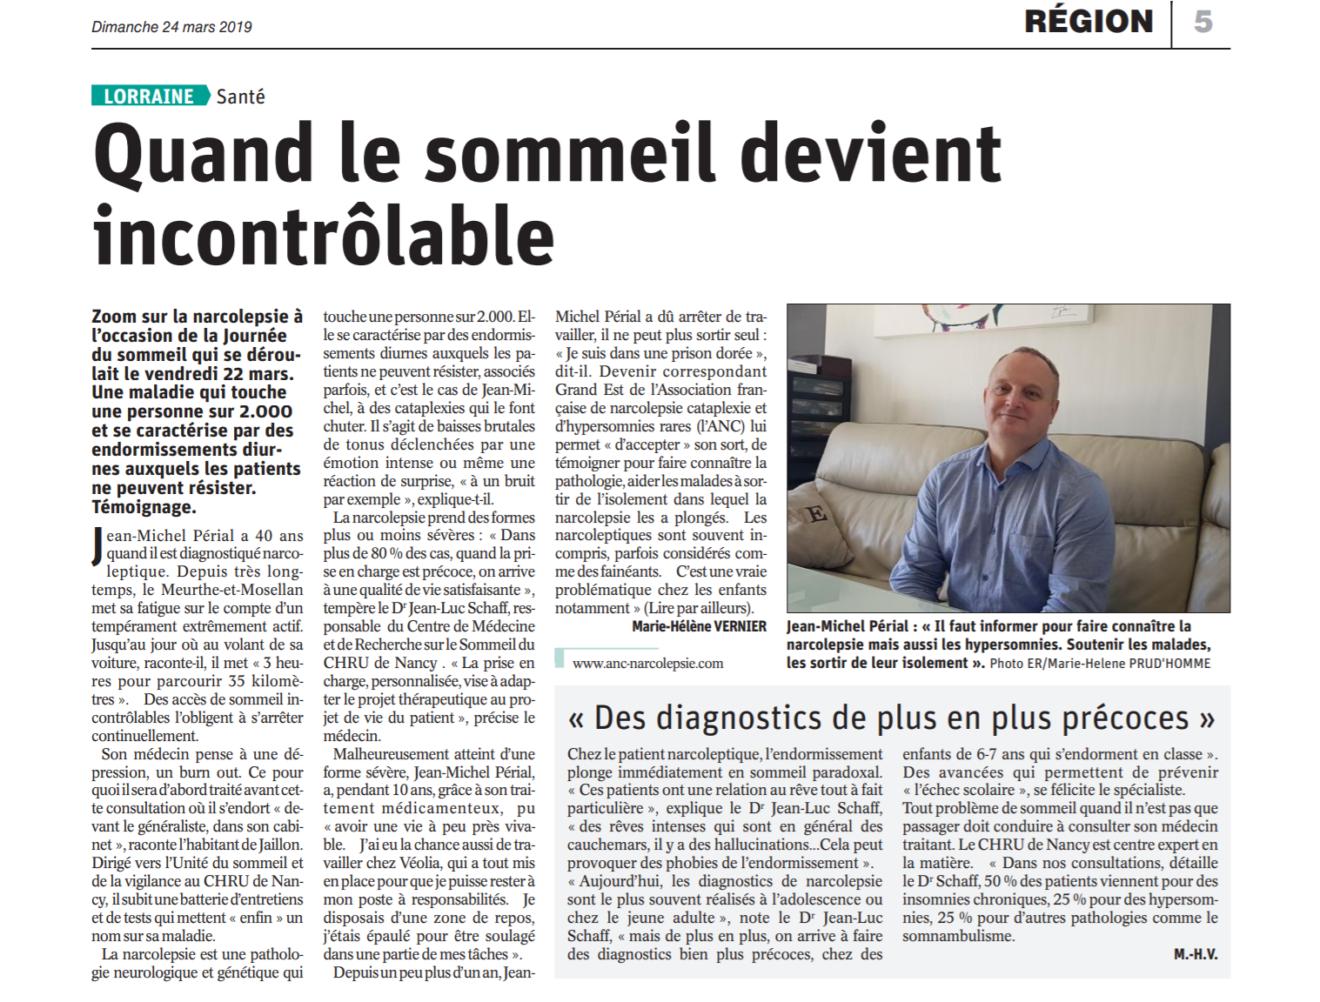 Témoignage sur le diagnostic de la narcolepsie par Jean-Michel Périal dans le journal l'Est-Républicain